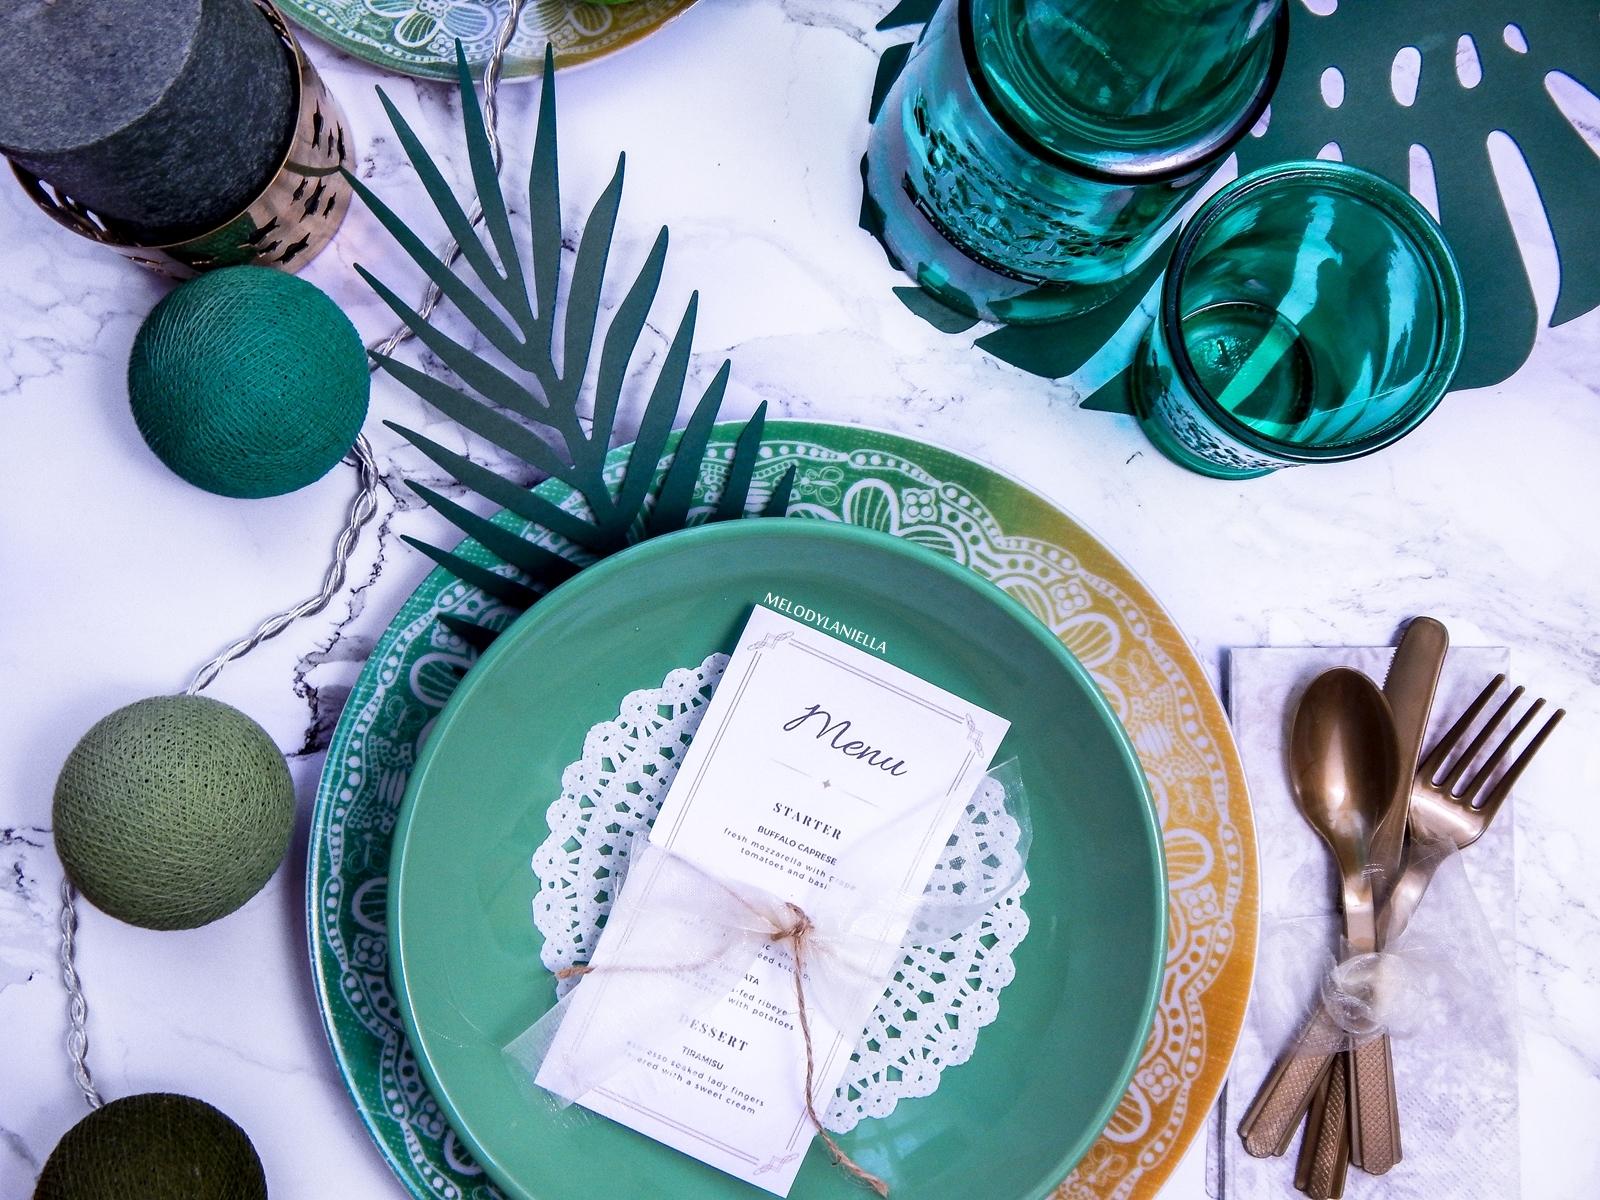 1 tropikalne dekoracje na imprezy partybox.pl dekoracje stołów ślub wesele wakacje urodziny impreza aloha dodatki do mieszkań cottonball led złote sztućce westwing świece opinie karafka szklanka duka